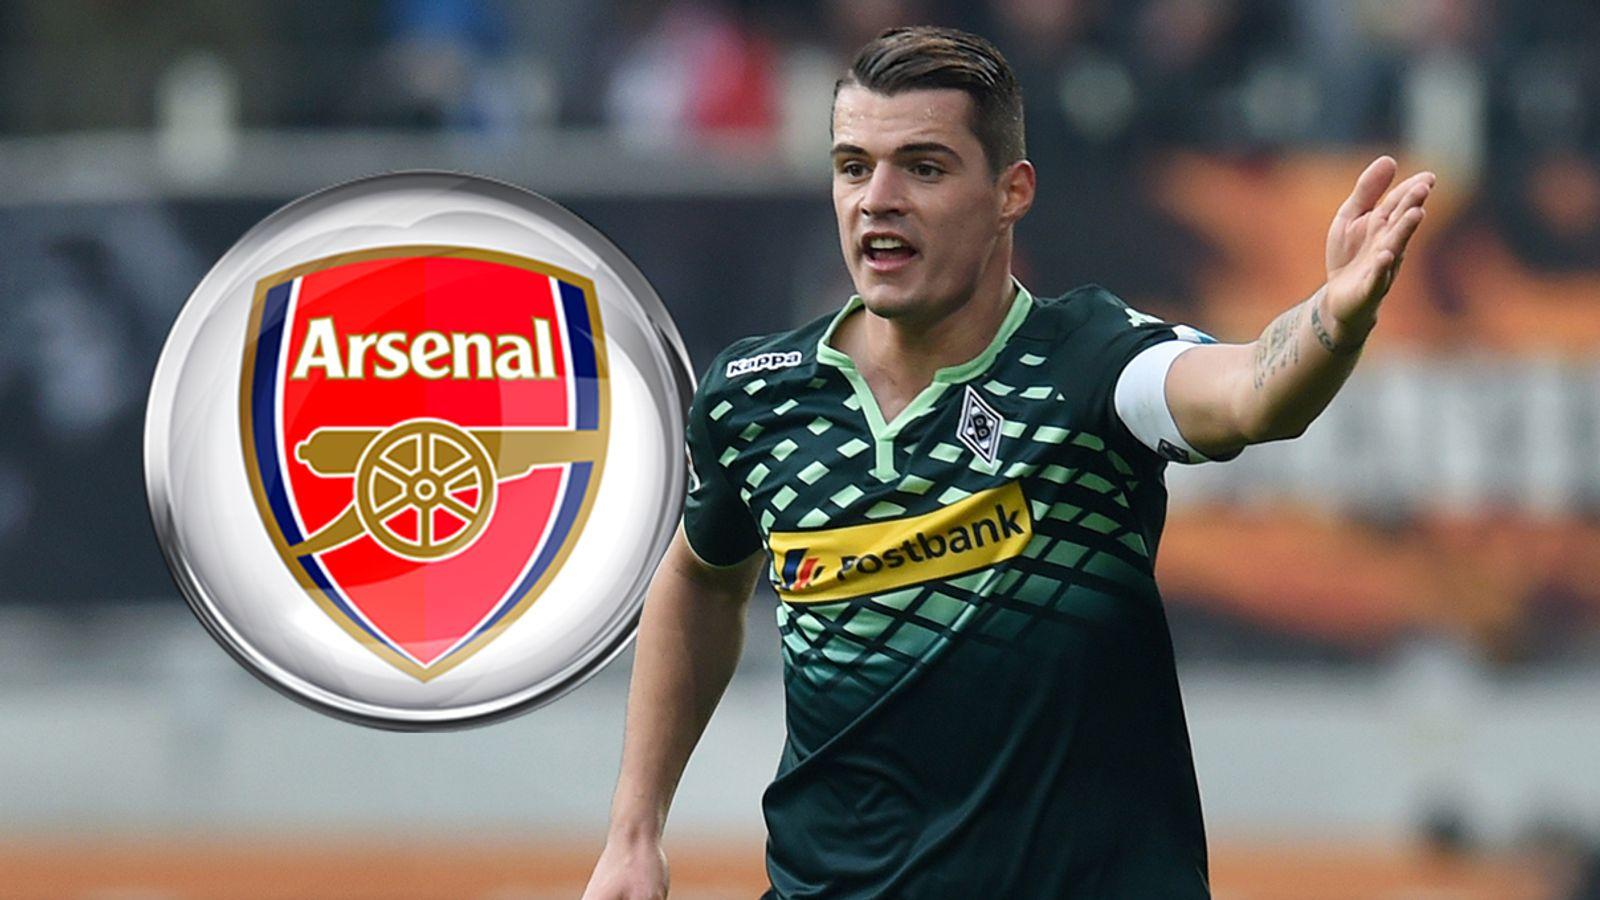 Arsenal 'close in on' midfielder Granit Xhaka - Sky